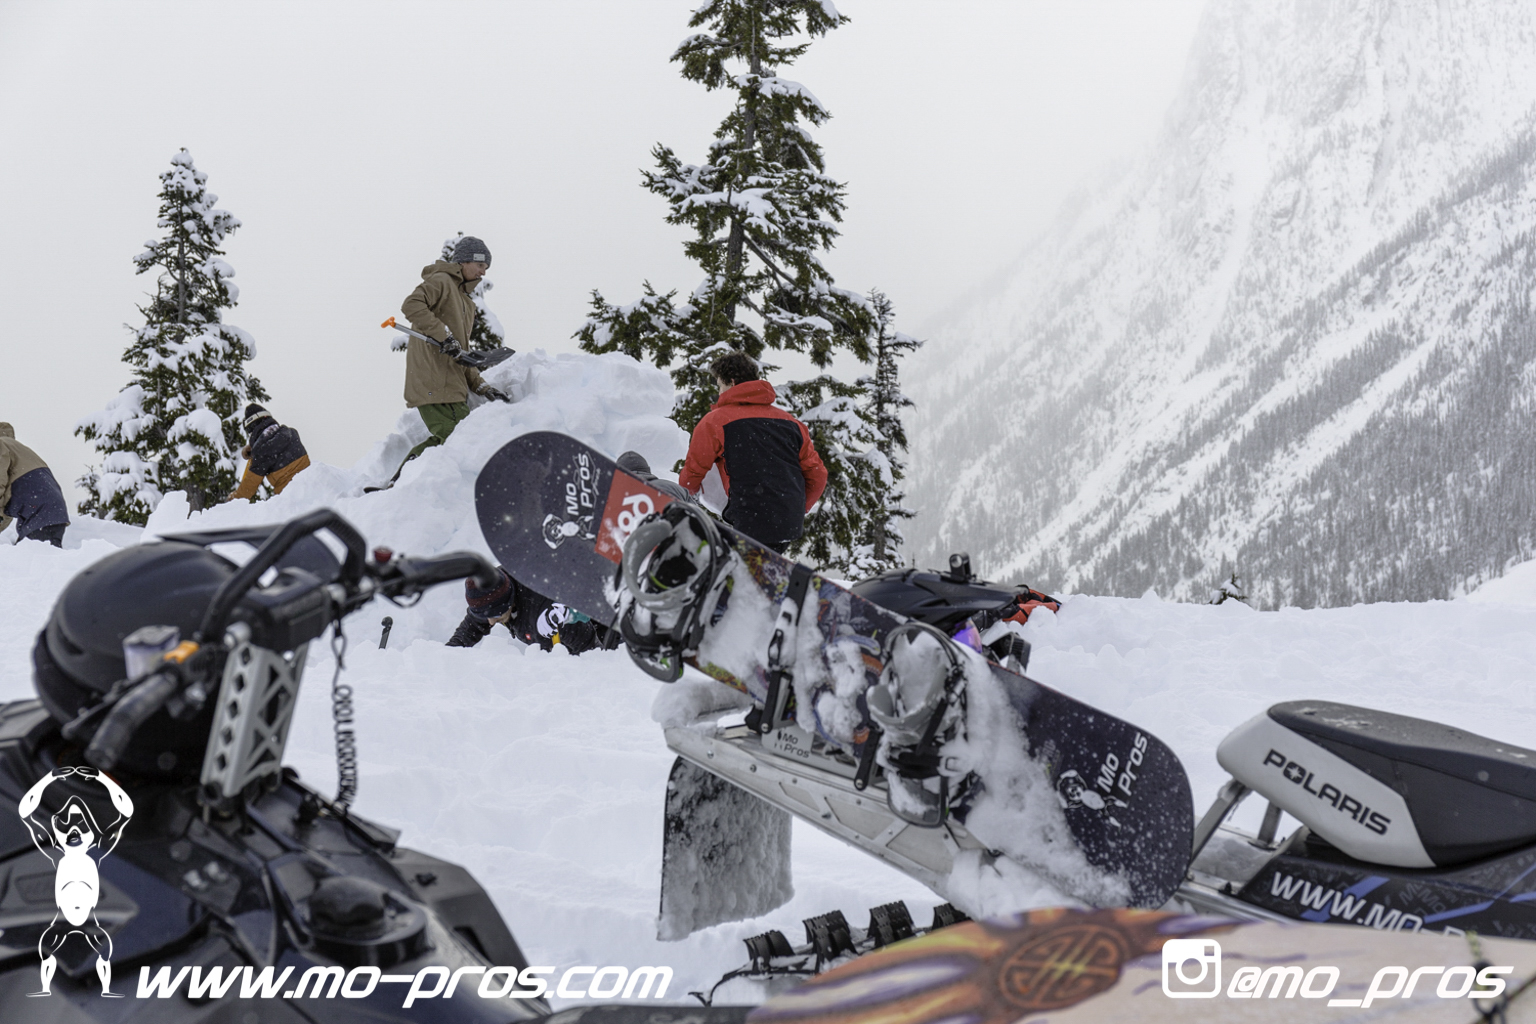 6_gas Rack_Gear_Gun Rack_LinQ Snowboard Ski_Ski_Snowbike_Timbersled Rack_Tsaina Rack_CFR rack_Cheetah Factory Racing_Snowboard rack_snowboard_Snowboarding_snowmobile bag_Snowmobile_timbersled bag_Tim.jpg